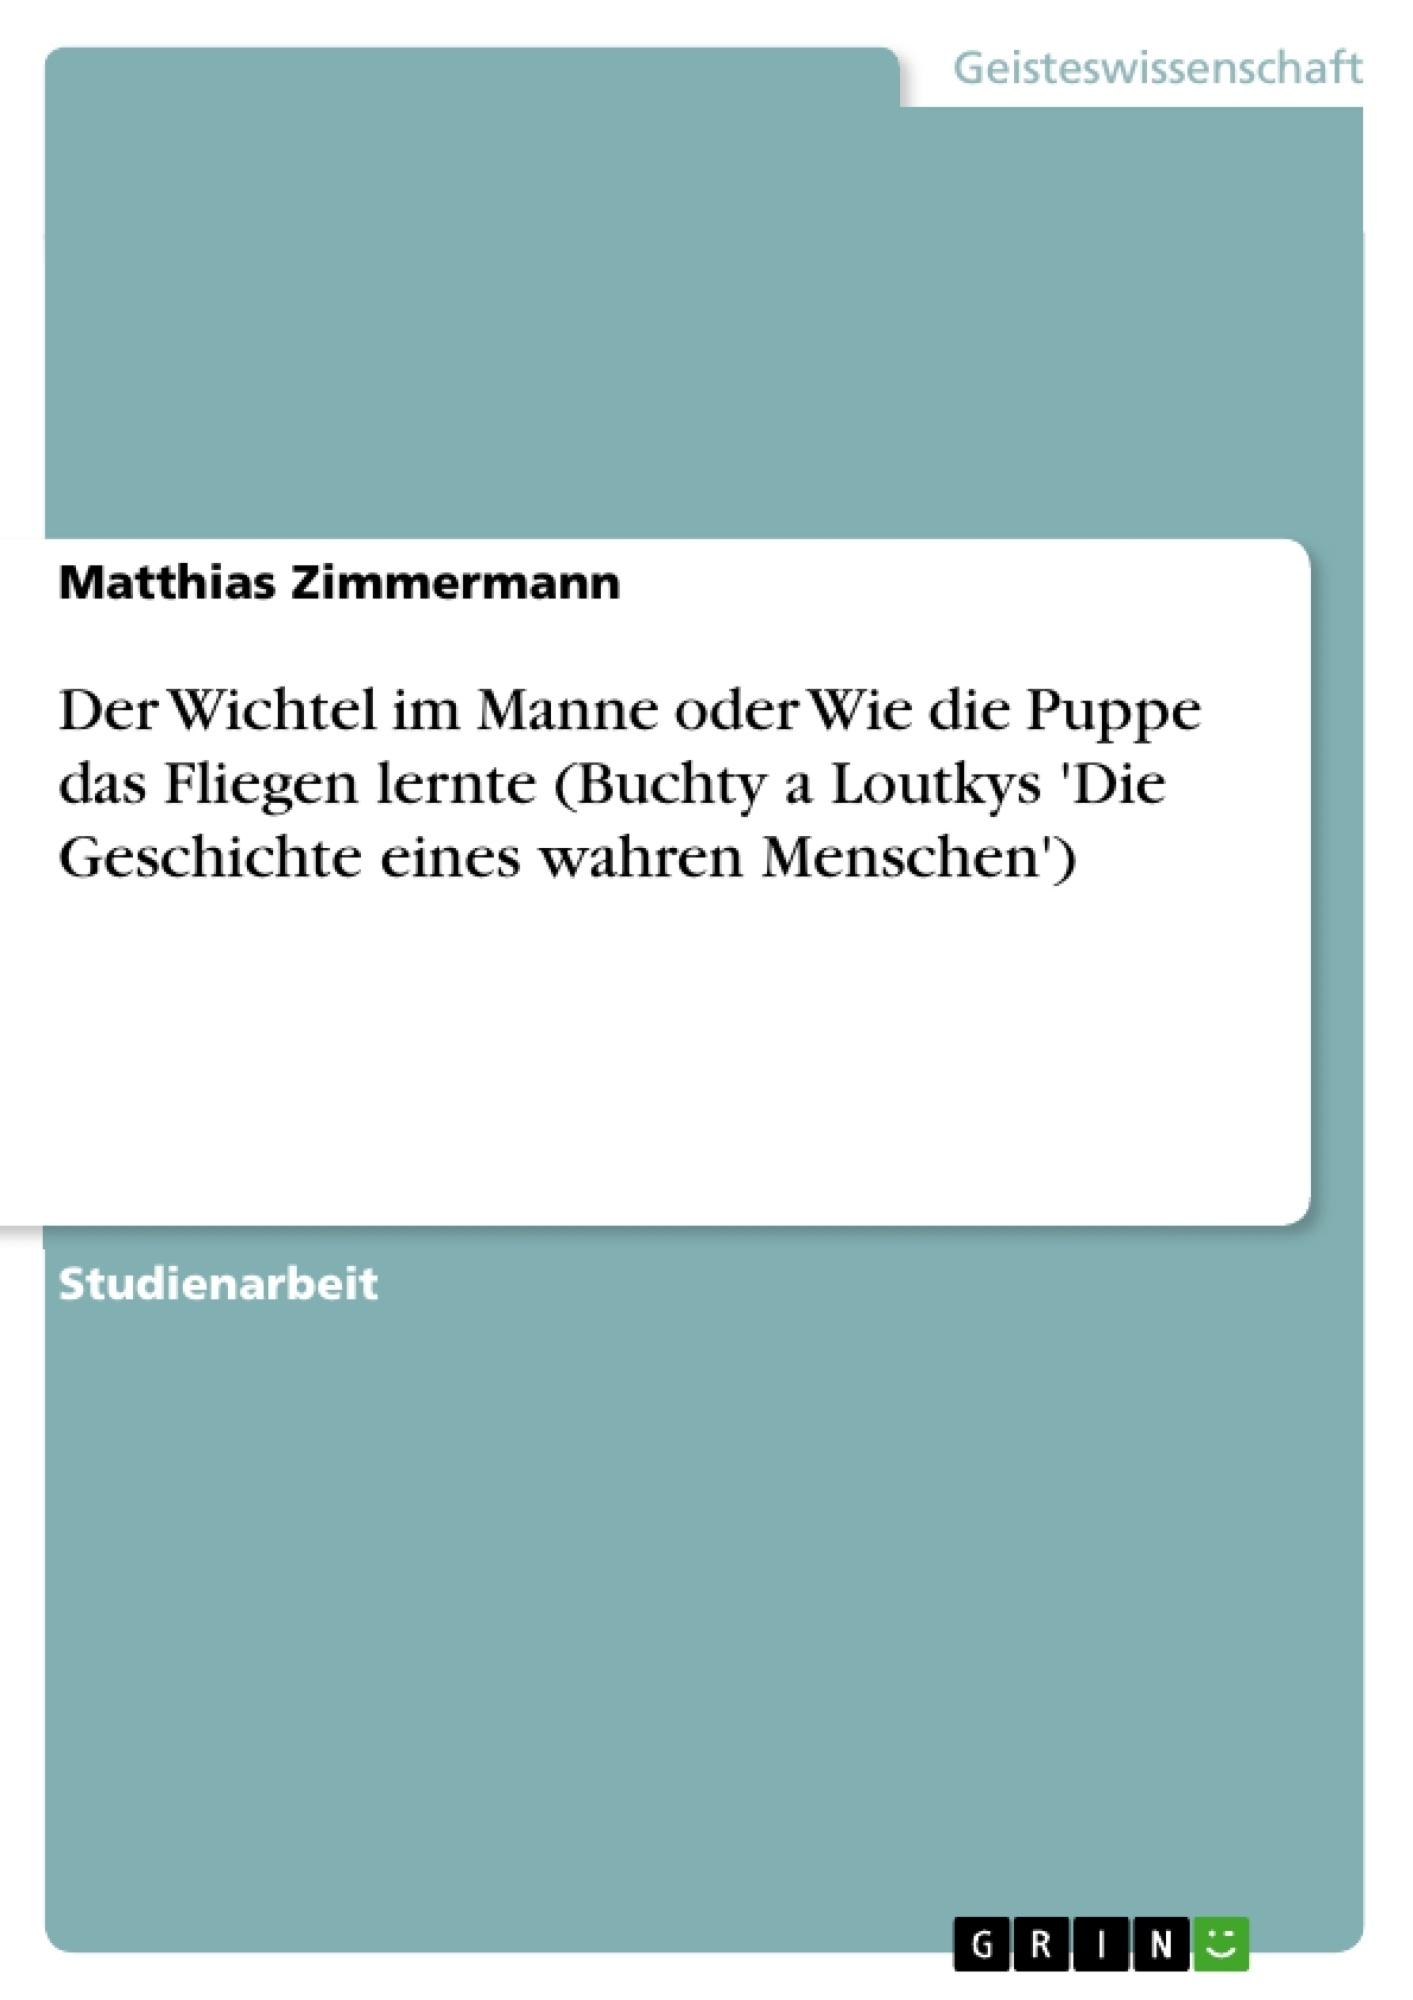 Titel: Der Wichtel im Manne oder Wie die Puppe das Fliegen lernte (Buchty a Loutkys 'Die Geschichte eines wahren Menschen')